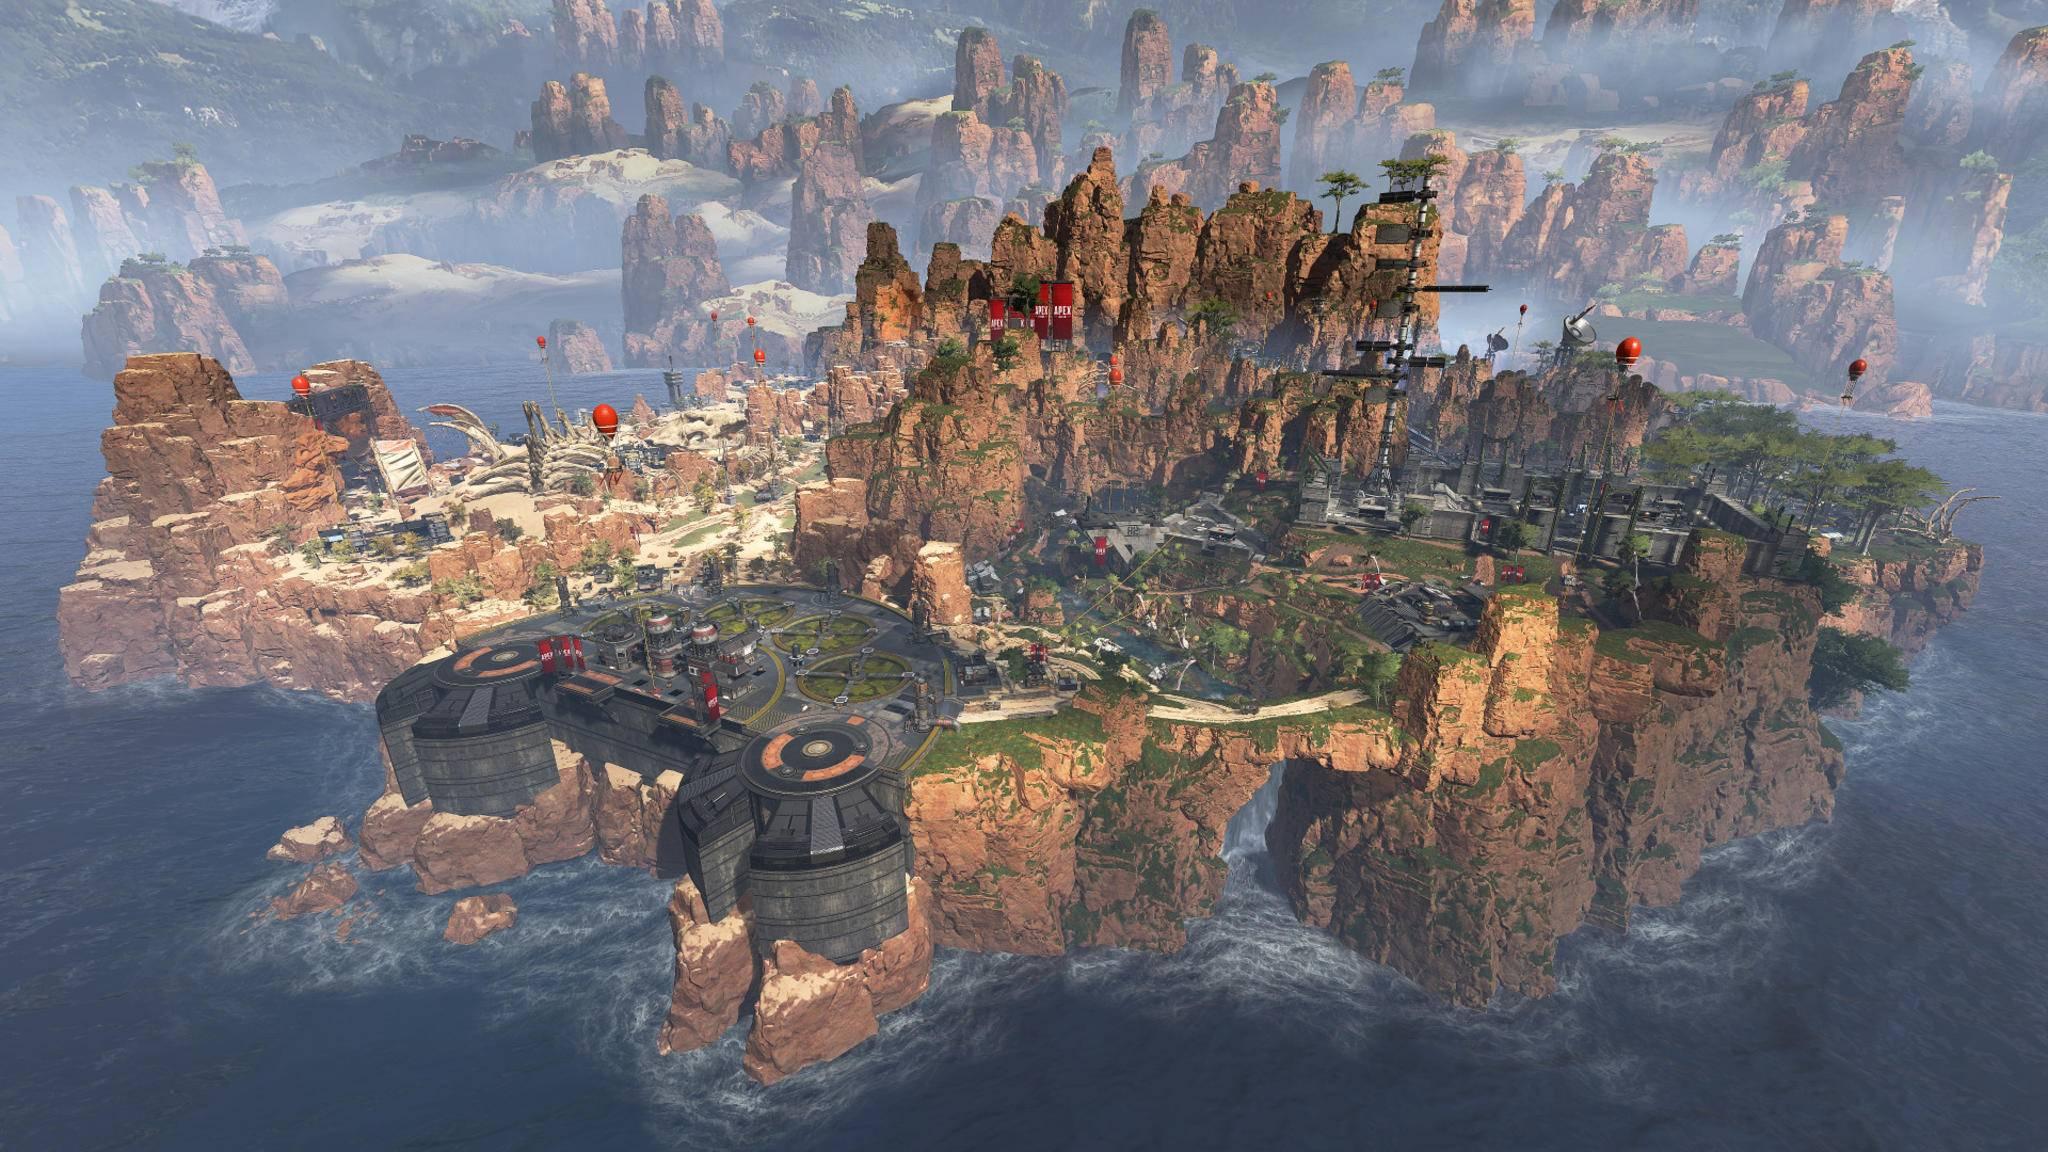 """Wo lohnt sich die Landung in """"Apex Legends"""" besonders? Wir sagen's Dir!"""